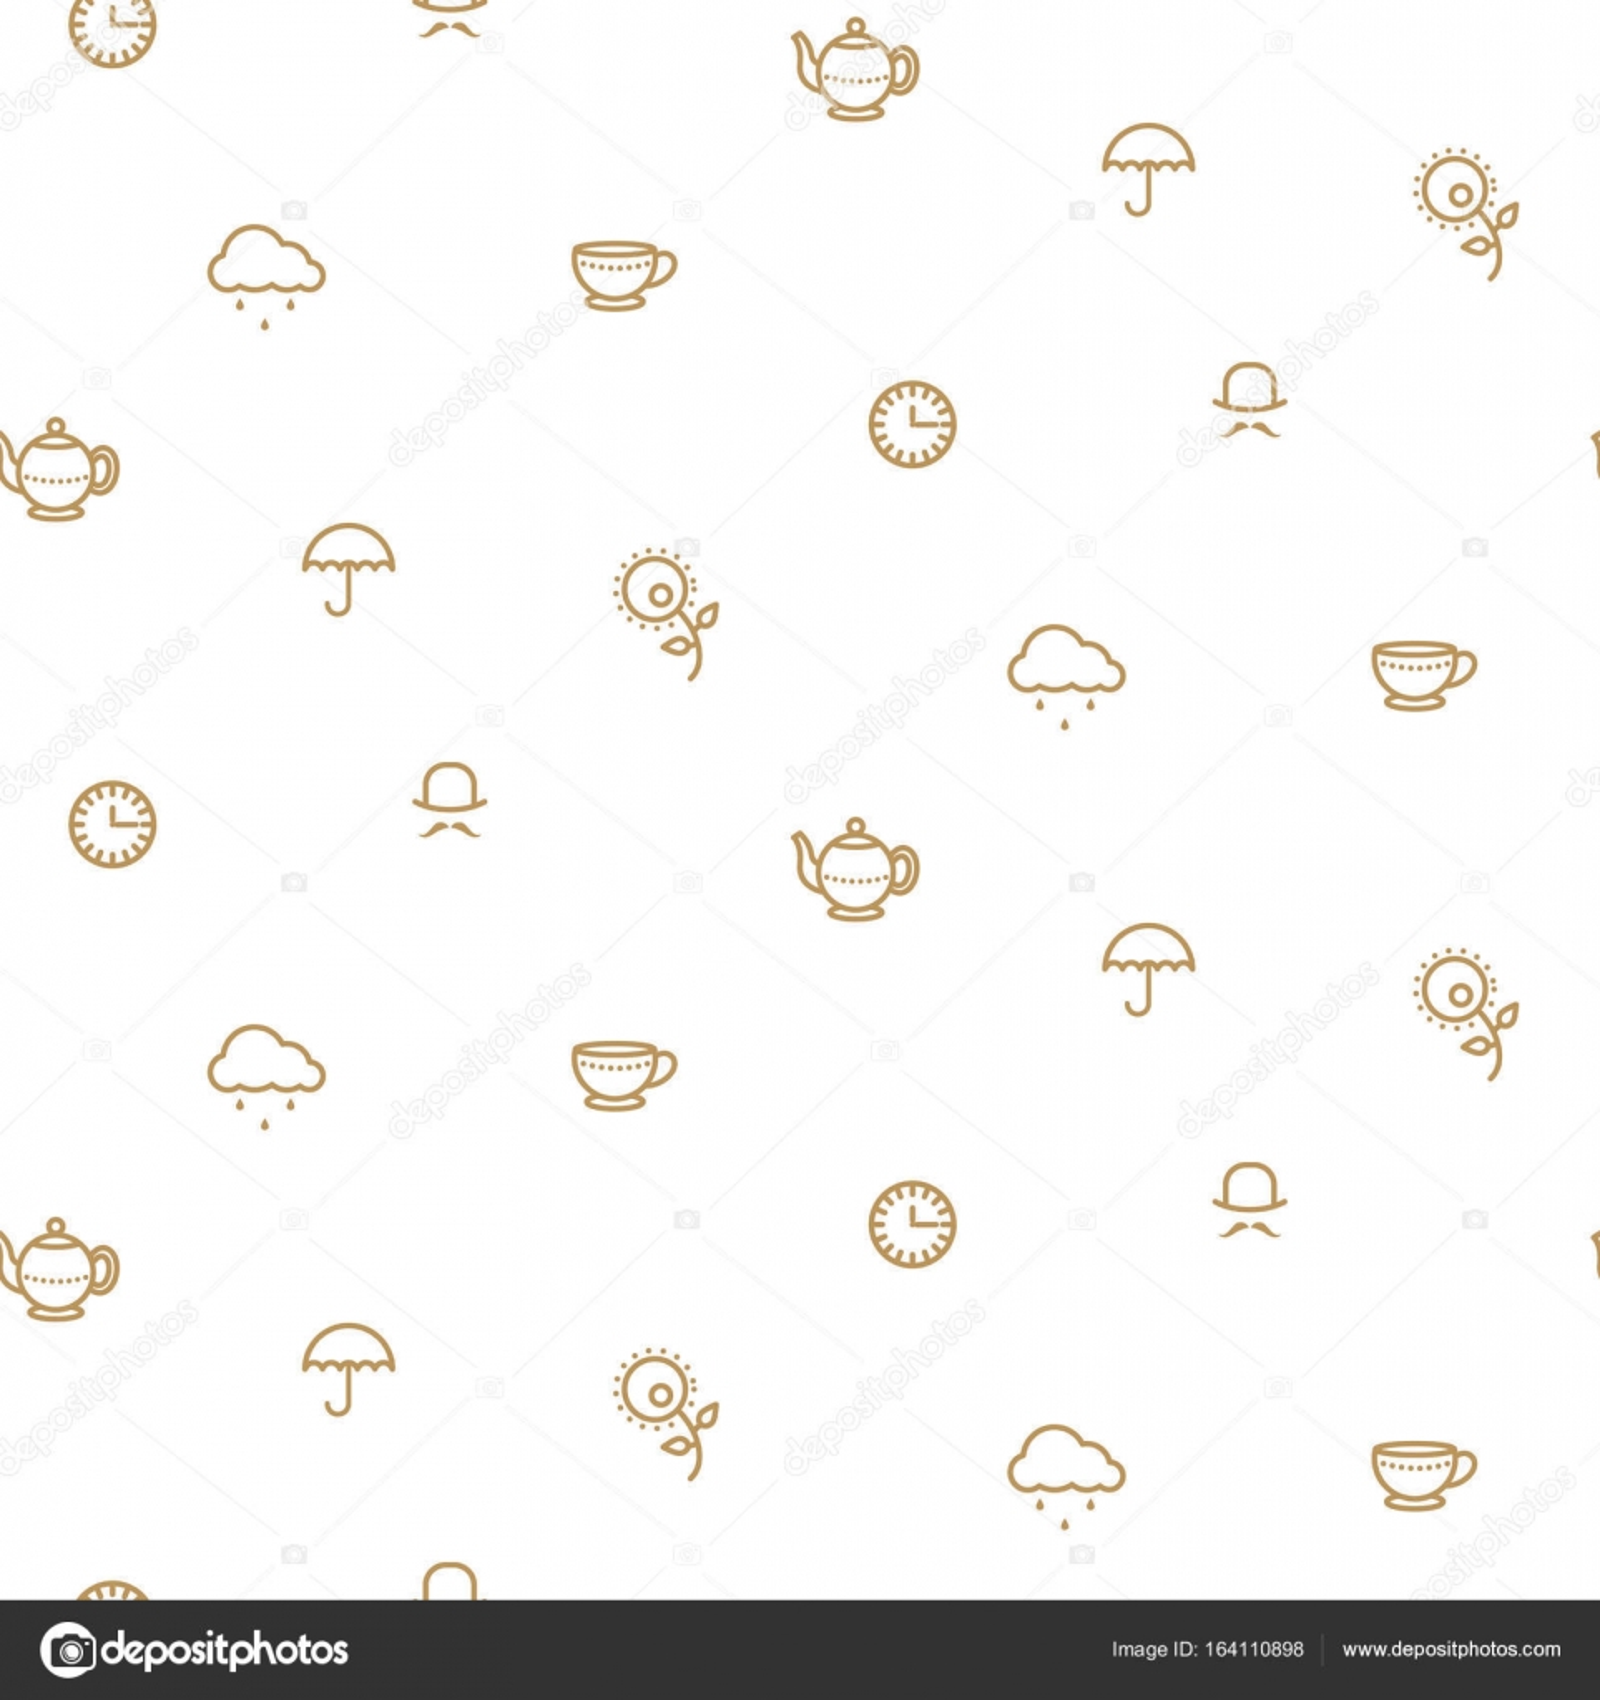 a9269fd87f45 Anglický čajový dýchánek jednoduché zlato na vzorek vektorové bílé čáry–  stock ilustrace